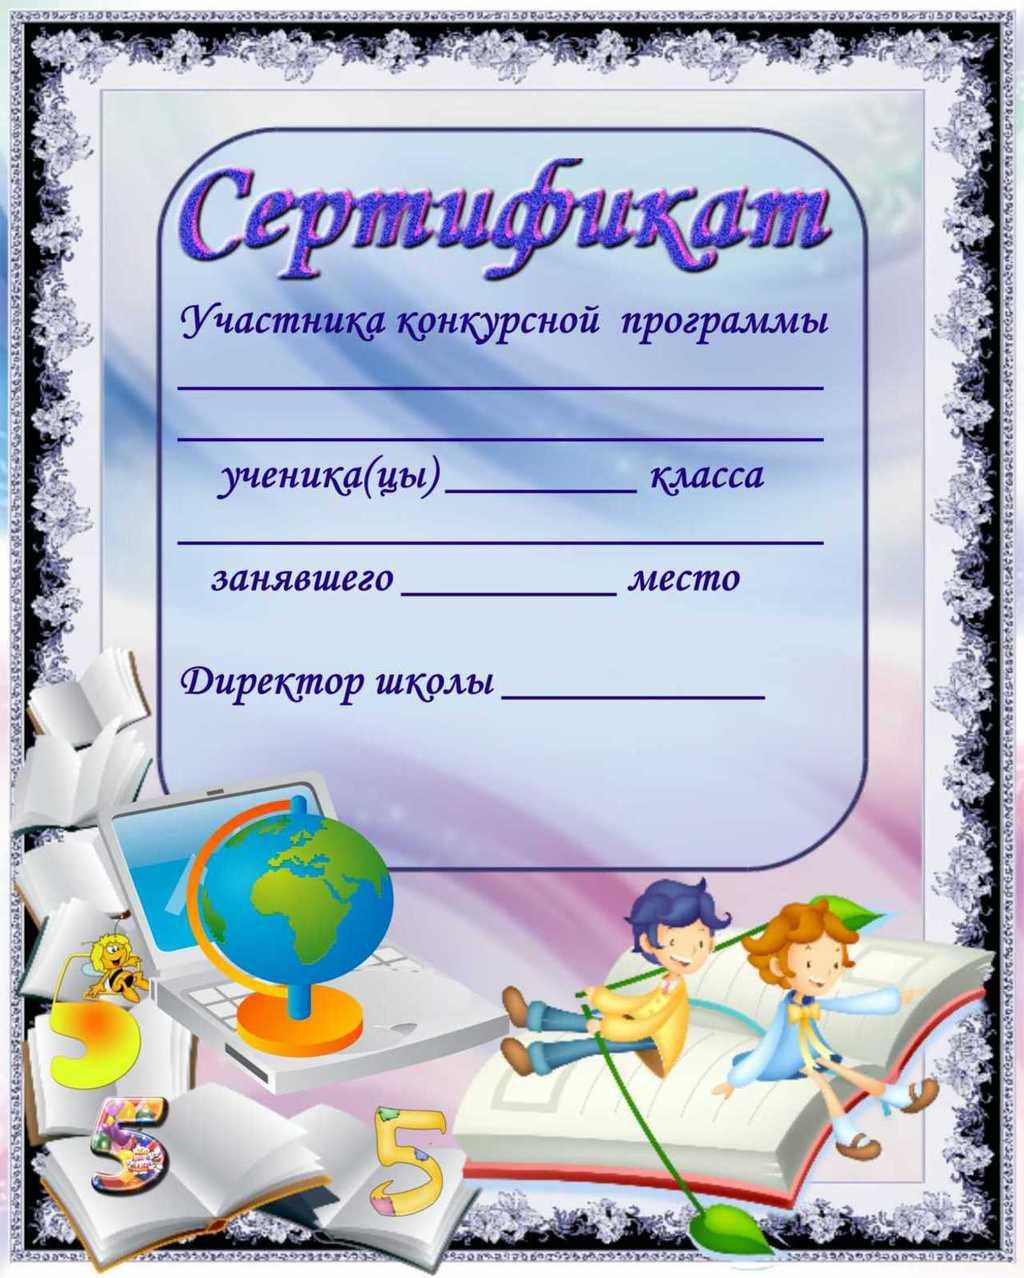 Скачать шаблон сертификата за участие в конкурсе